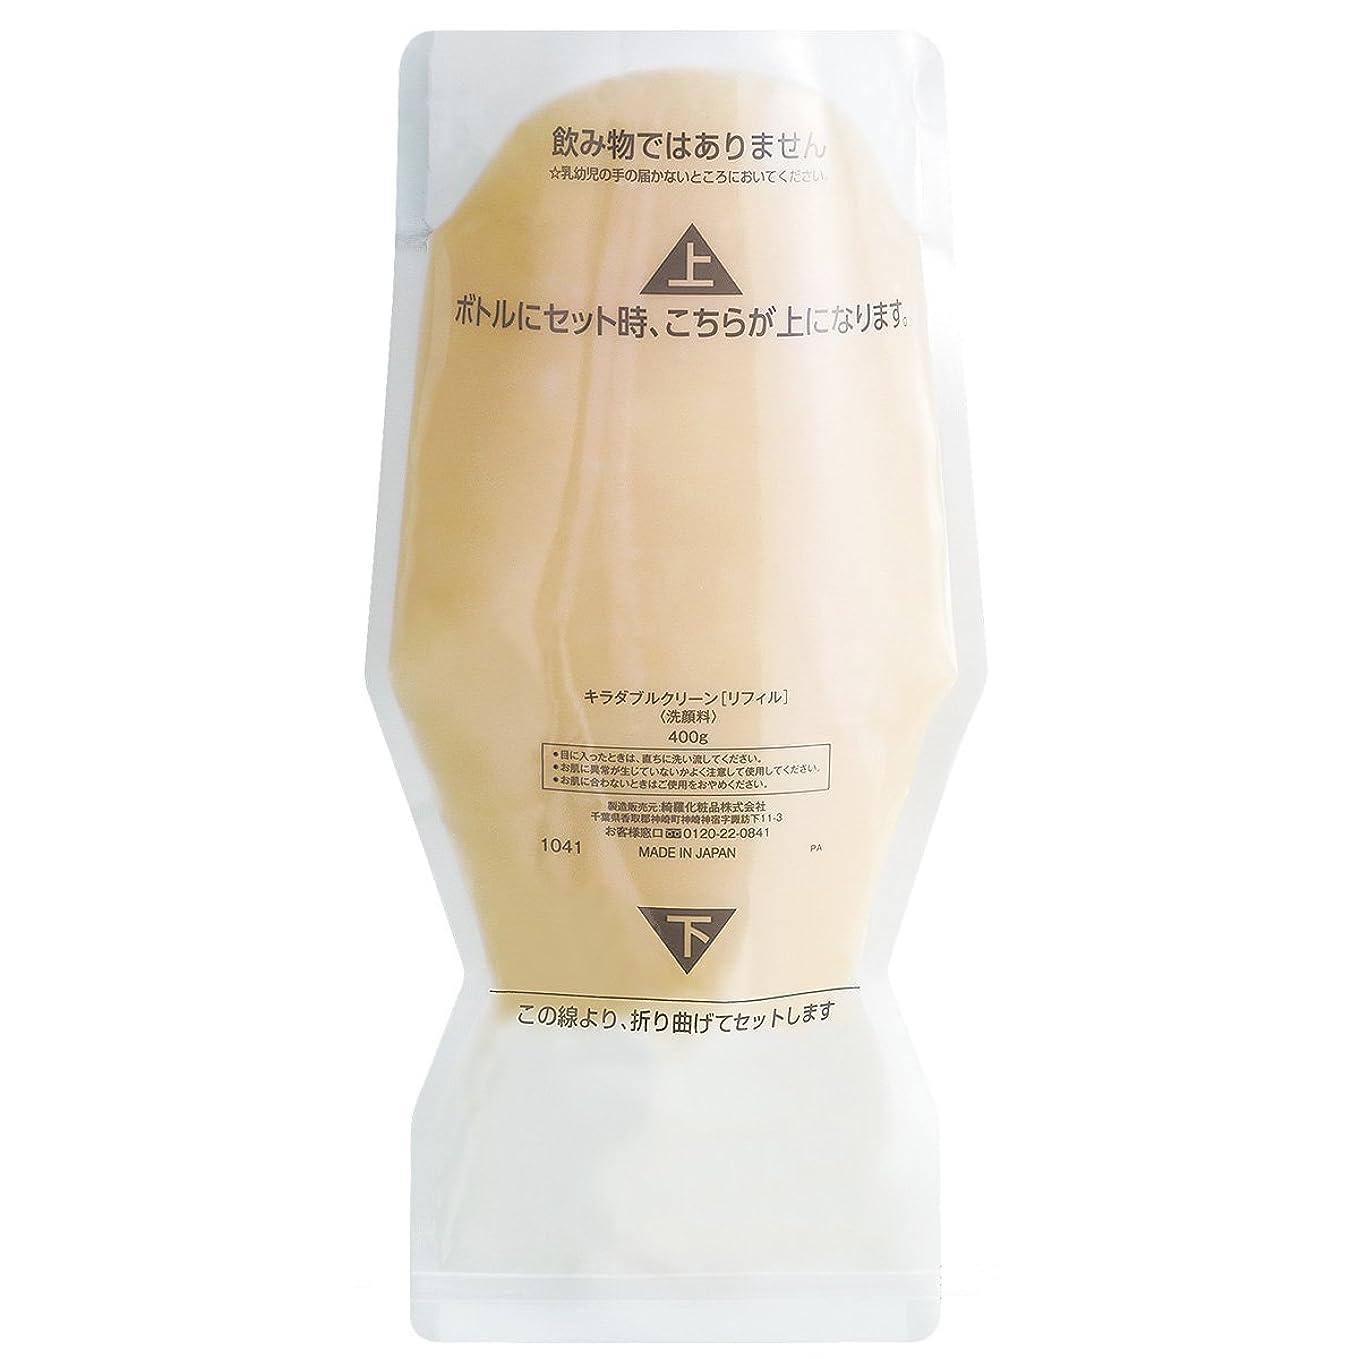 ラメ規則性代理人綺羅化粧品 ダブルクリーン 400g (洗顔料)